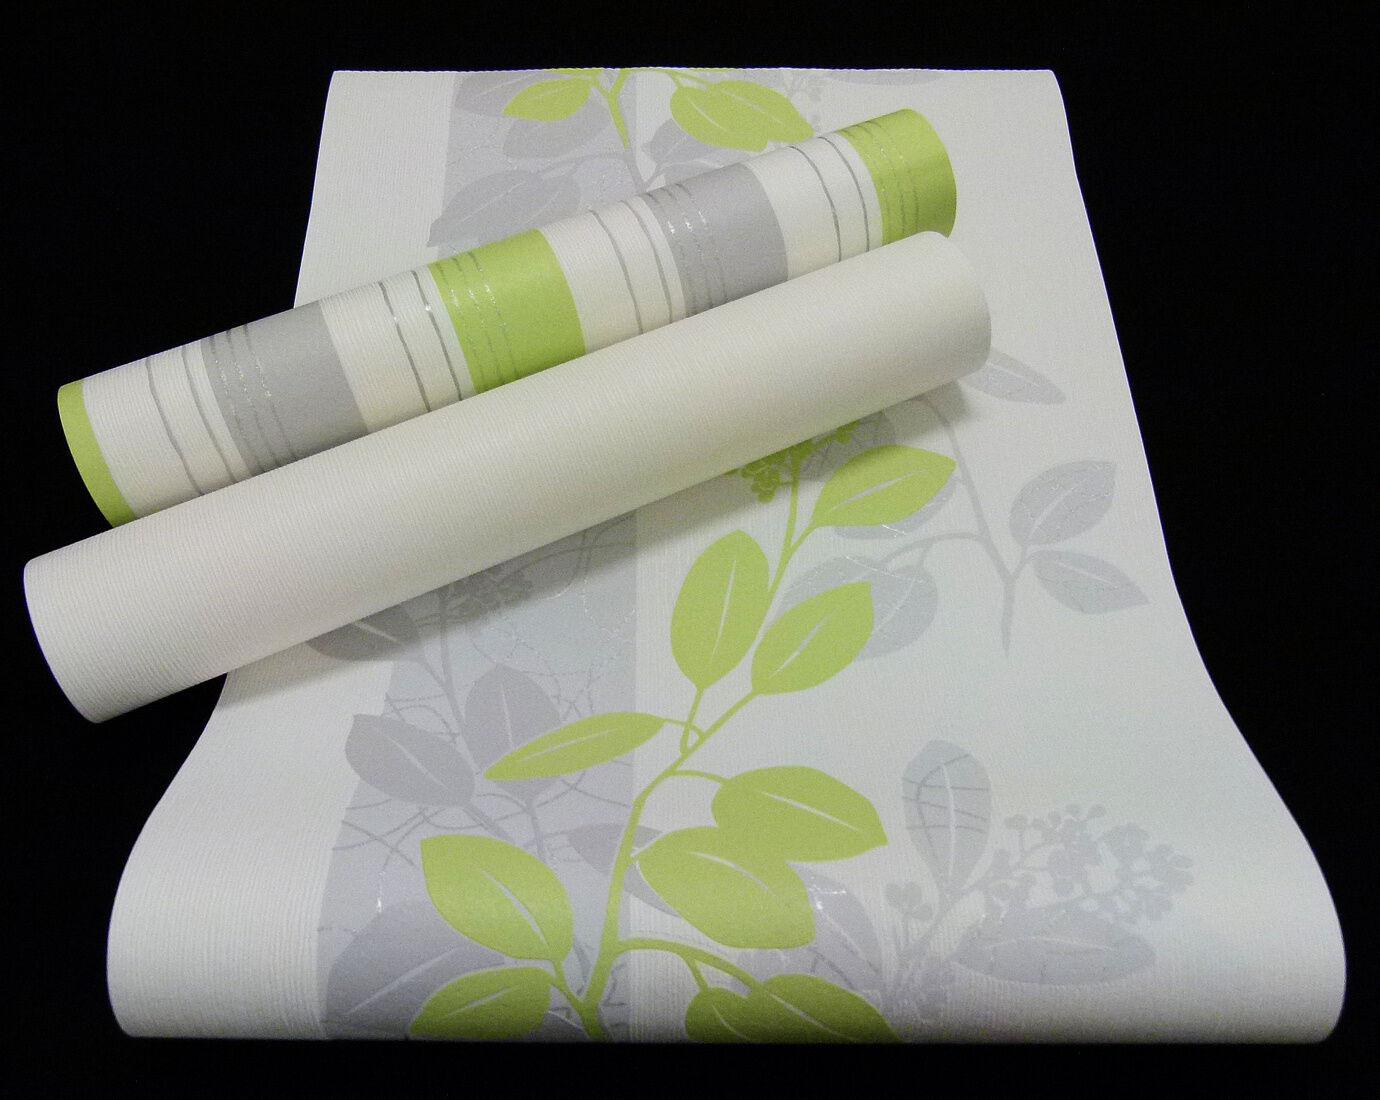 13235-) Vliestapete schickes Blätter-Design weiß grau grün - mit Glanzeffekt